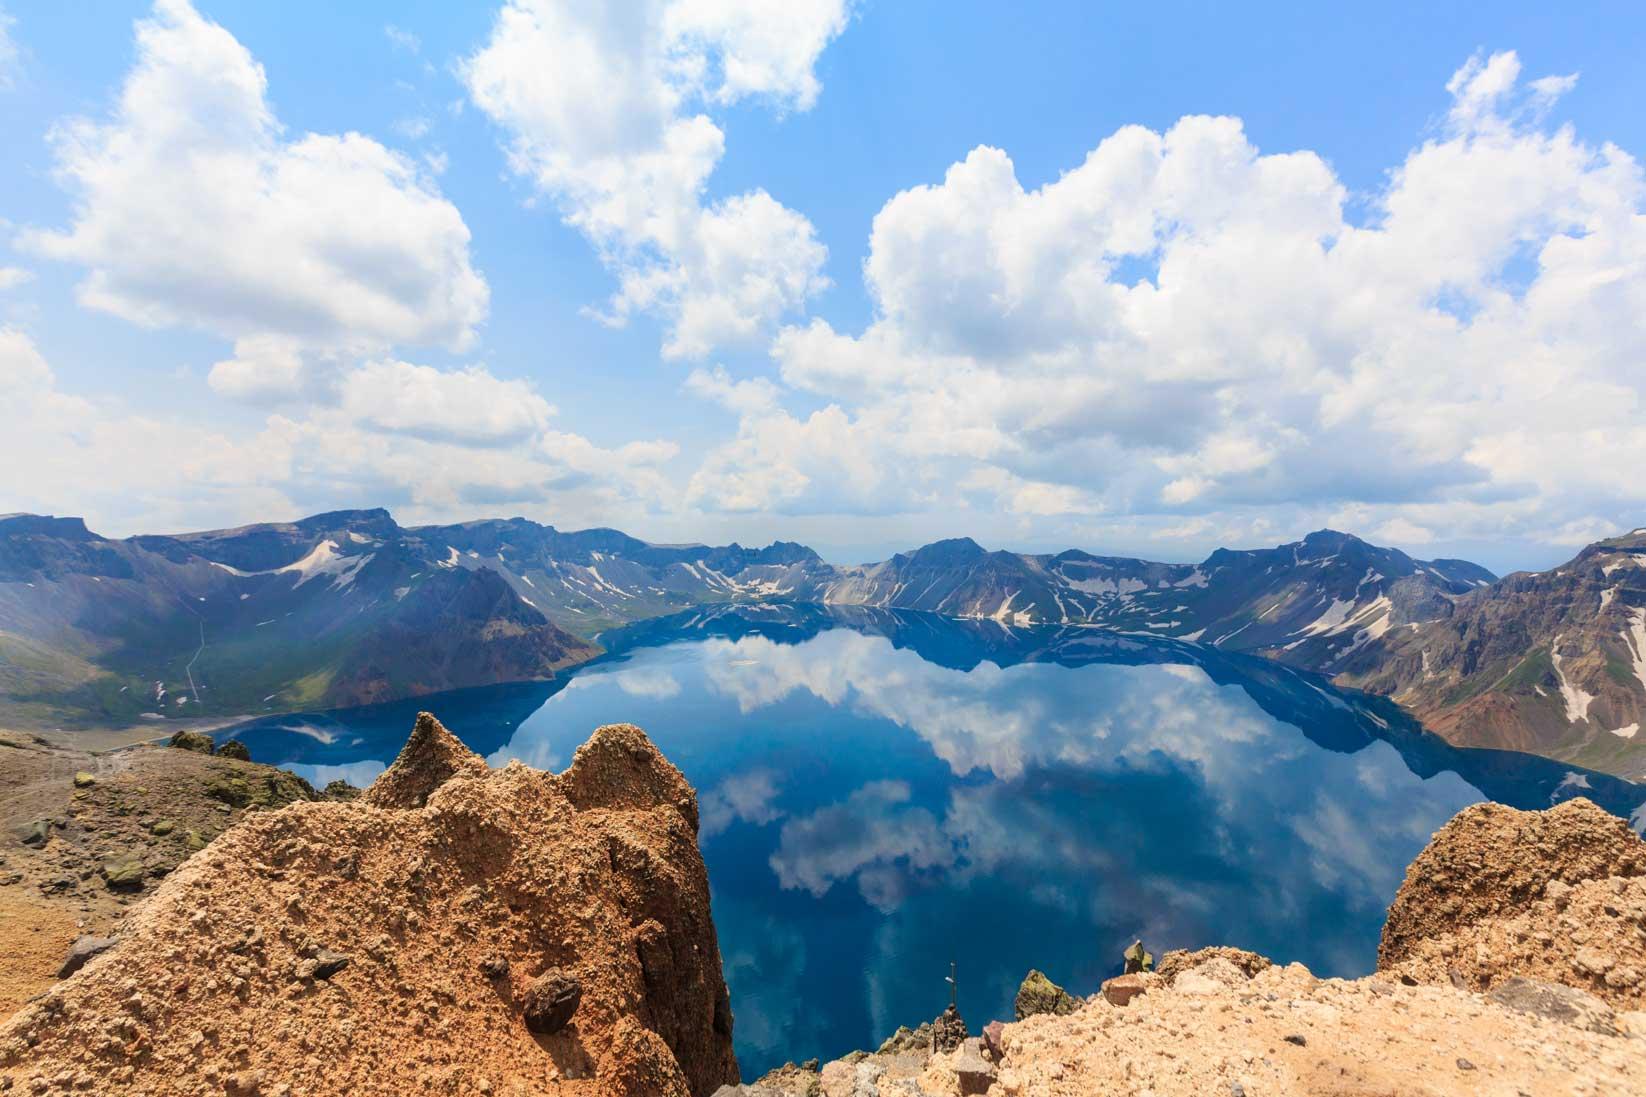 聖なる高原リゾート、長白山に登る_b0235153_1334527.jpg